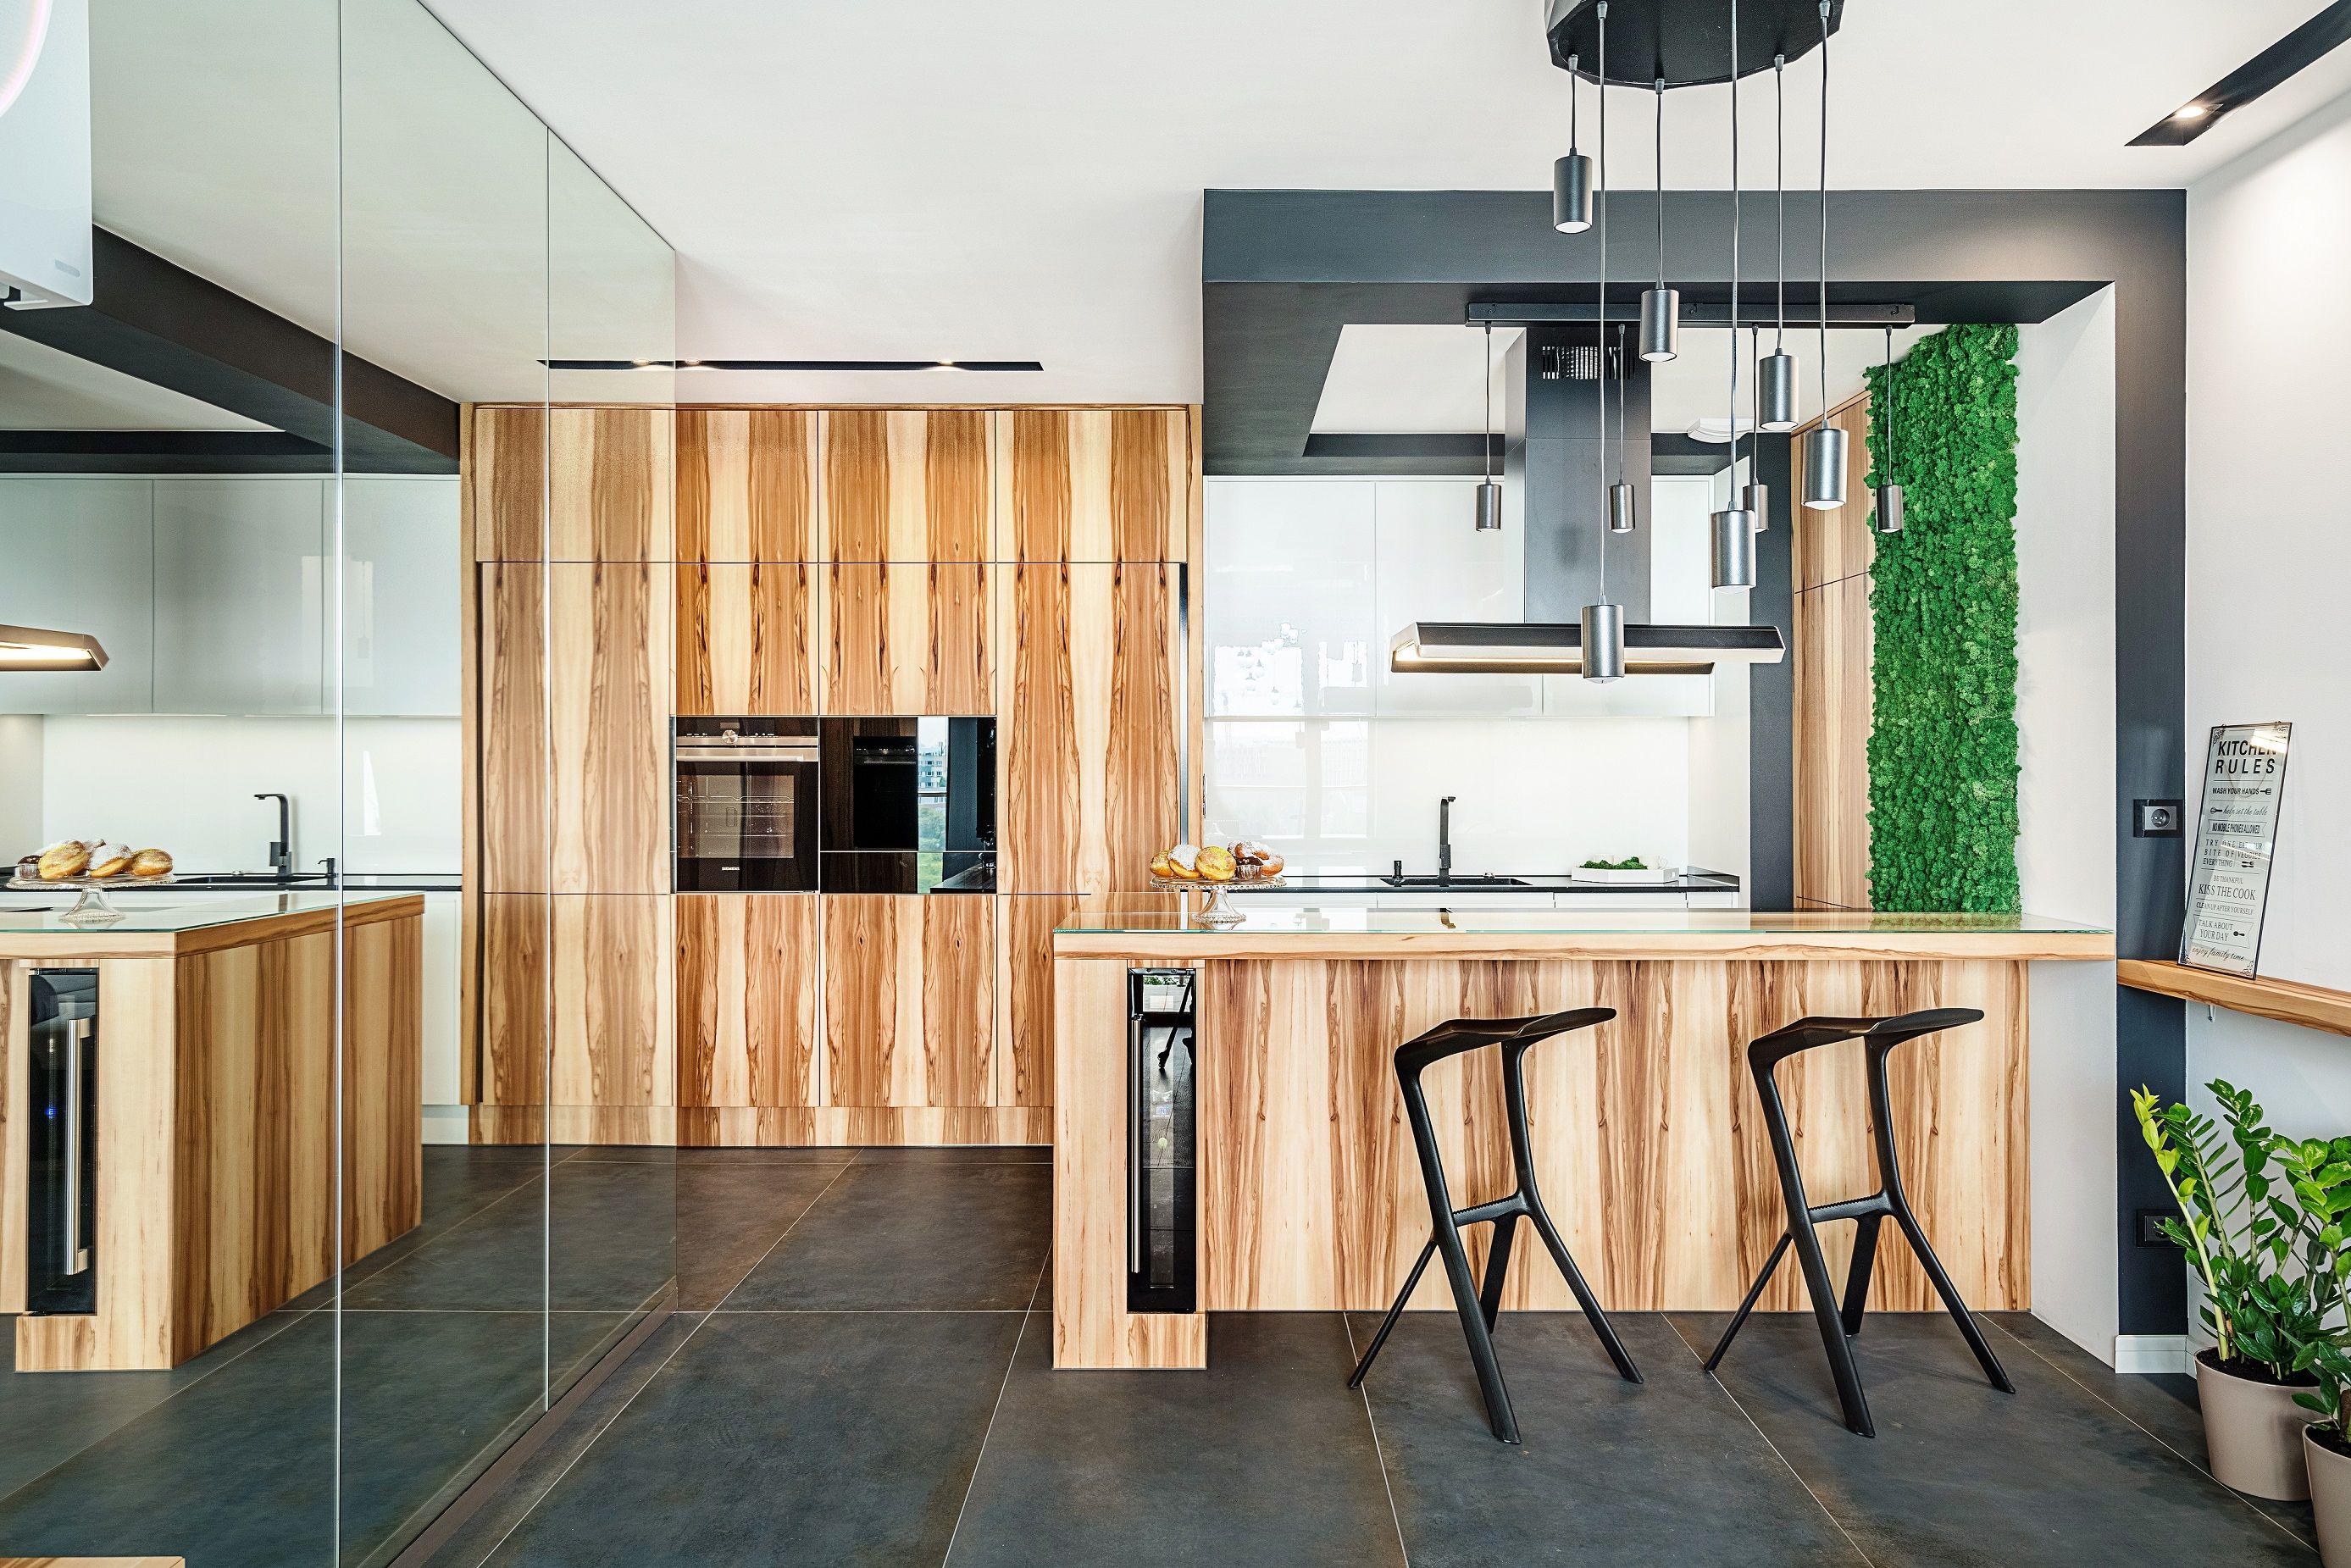 Swojska Nowoczesnosc Czyli Polaczenie Naturalnych Materialow I Prostych Ksztaltow Kuchnia Meblenazamowienie Aranzacja Design I Home Decor Furniture Home